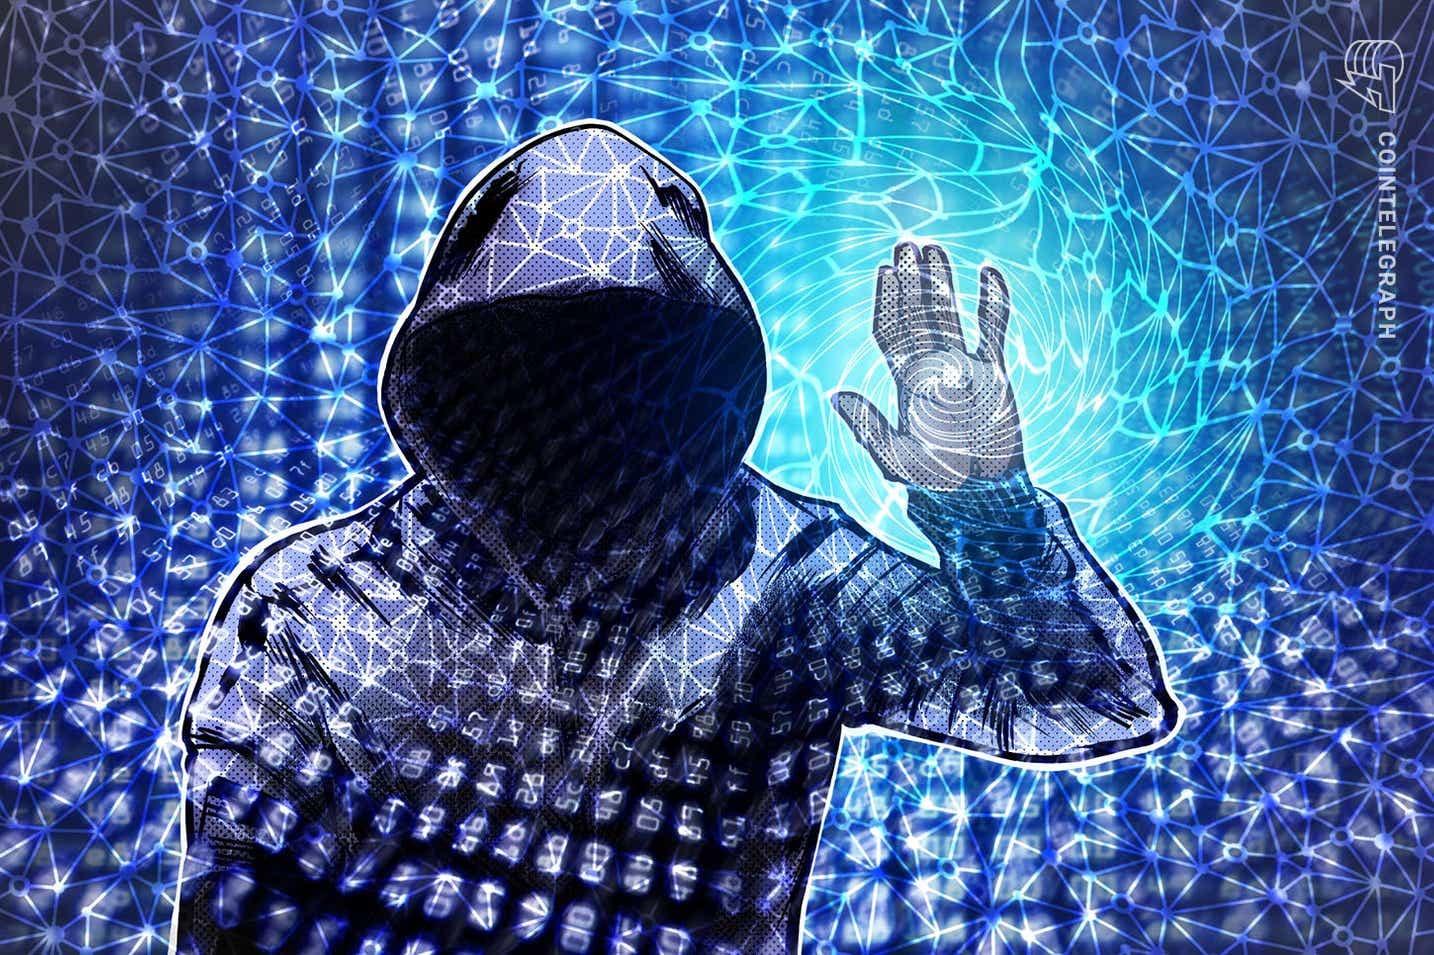 فروش اطلاعات طبقه بندی شده رمزنگاری به FBI